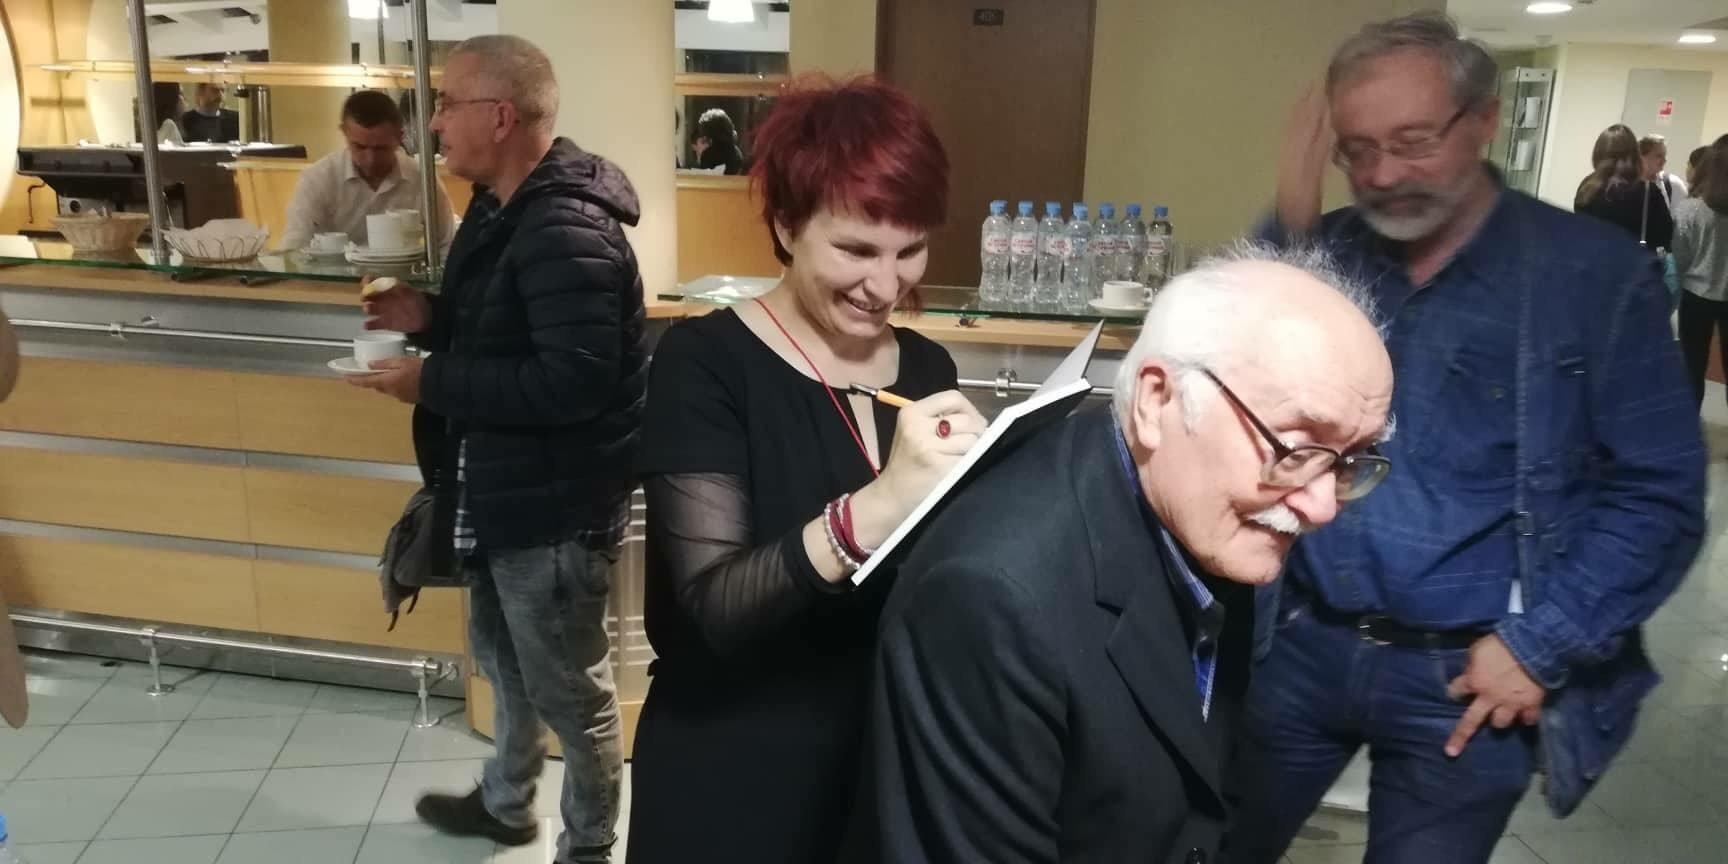 Ирина Антанасијевић потписује своју књигу посвећену Јурију Лобачову на леђима његовог потомка Дмитрија Лобачова.